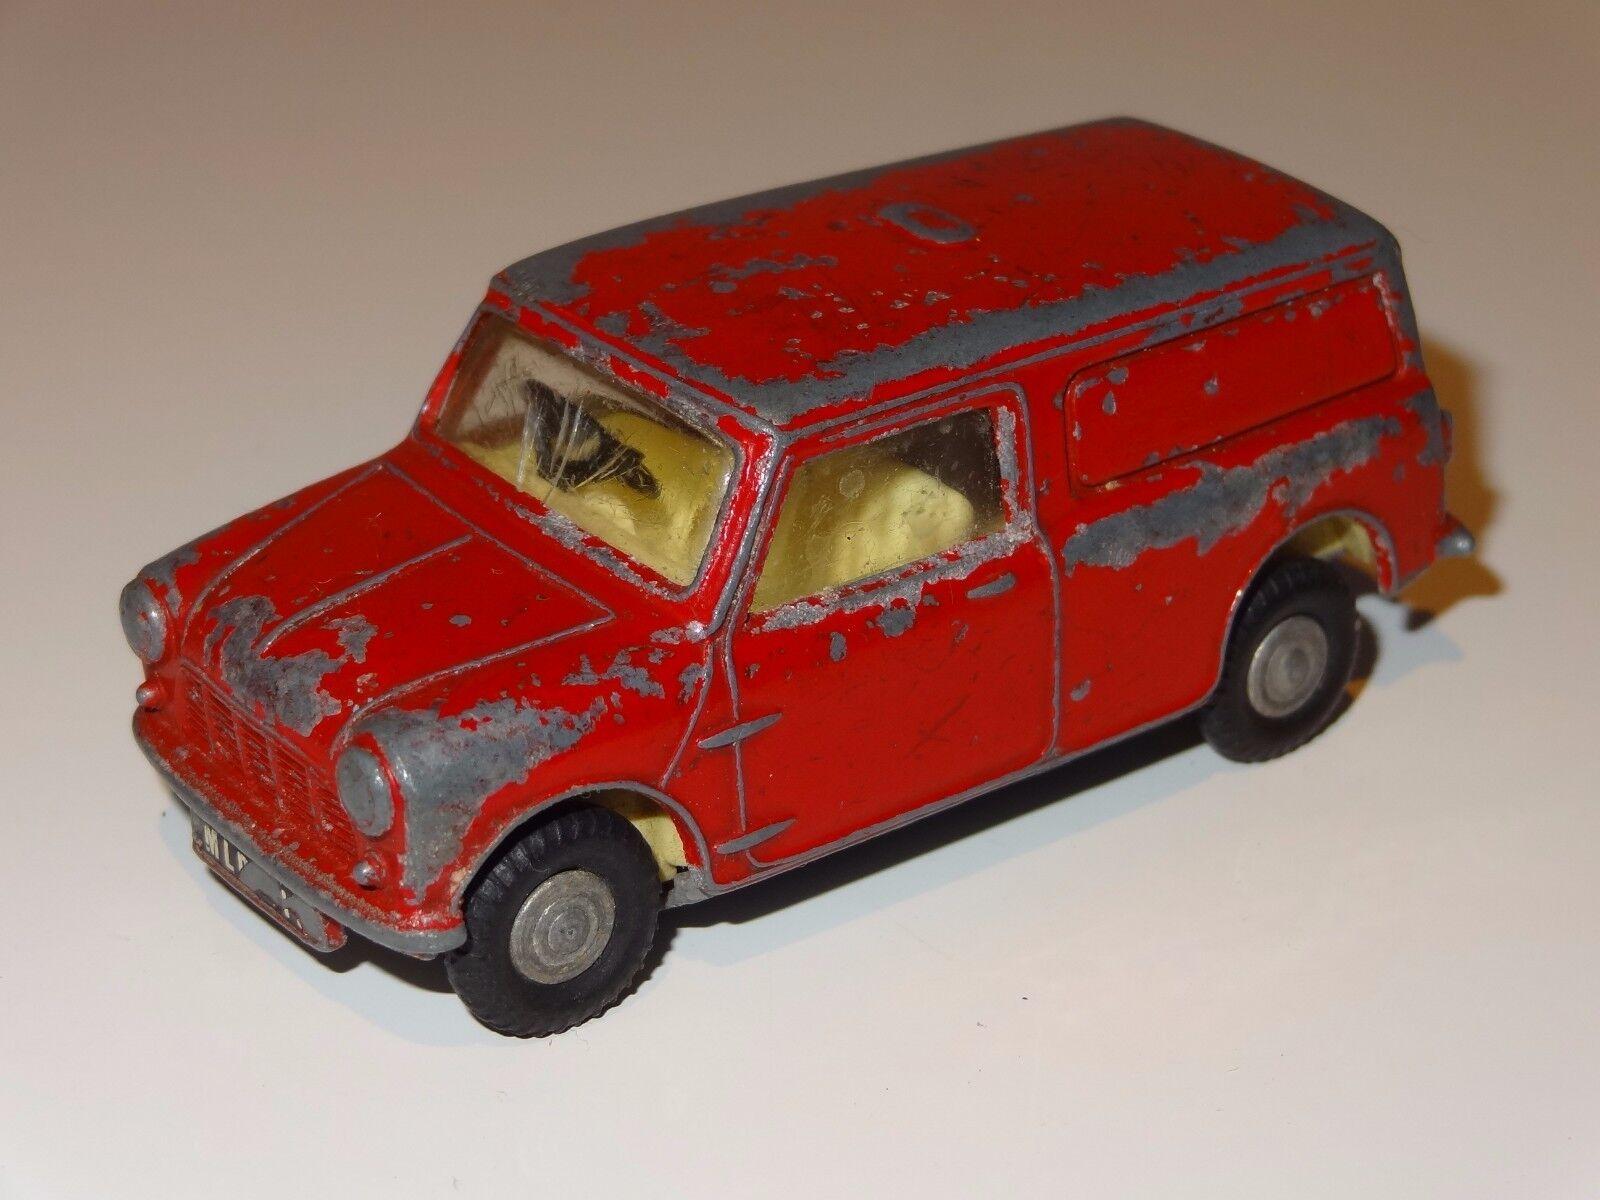 negozio online (V) TRIANG Spot on Royal Mail Mail Mail MINI VAN - 210 1  con il 60% di sconto